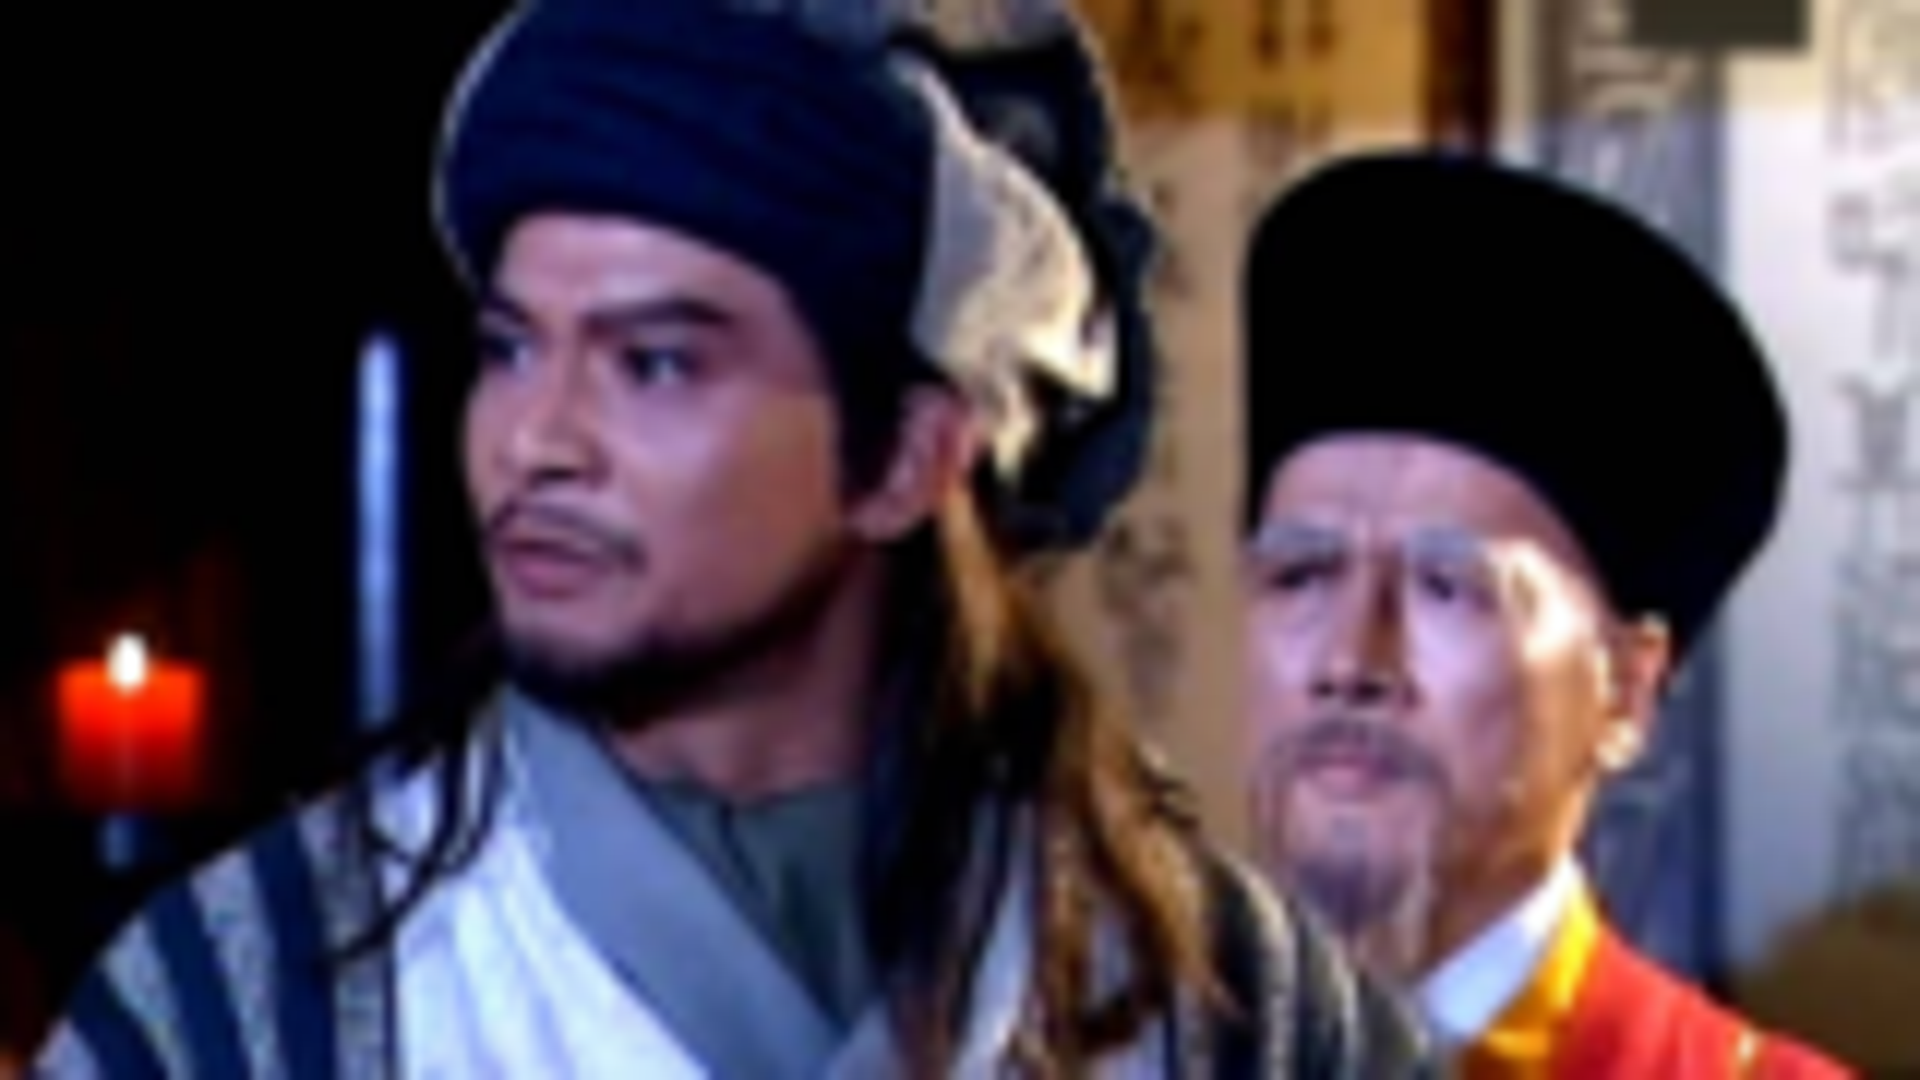 乔峰重回少林寺,不想竟遭致误解,到底是谁在陷害他呢?